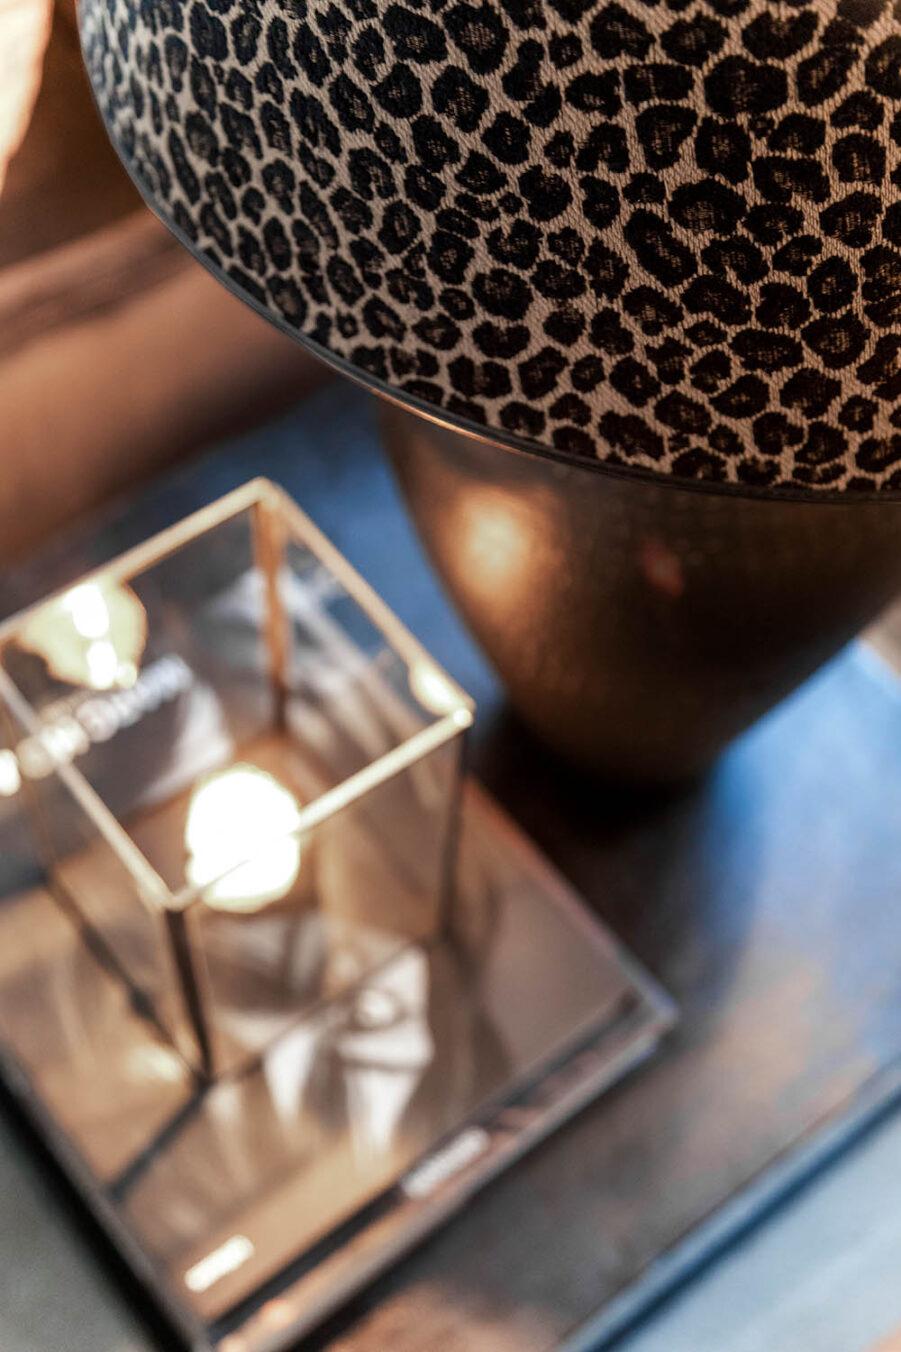 Närbild på Leopard lampskärm.